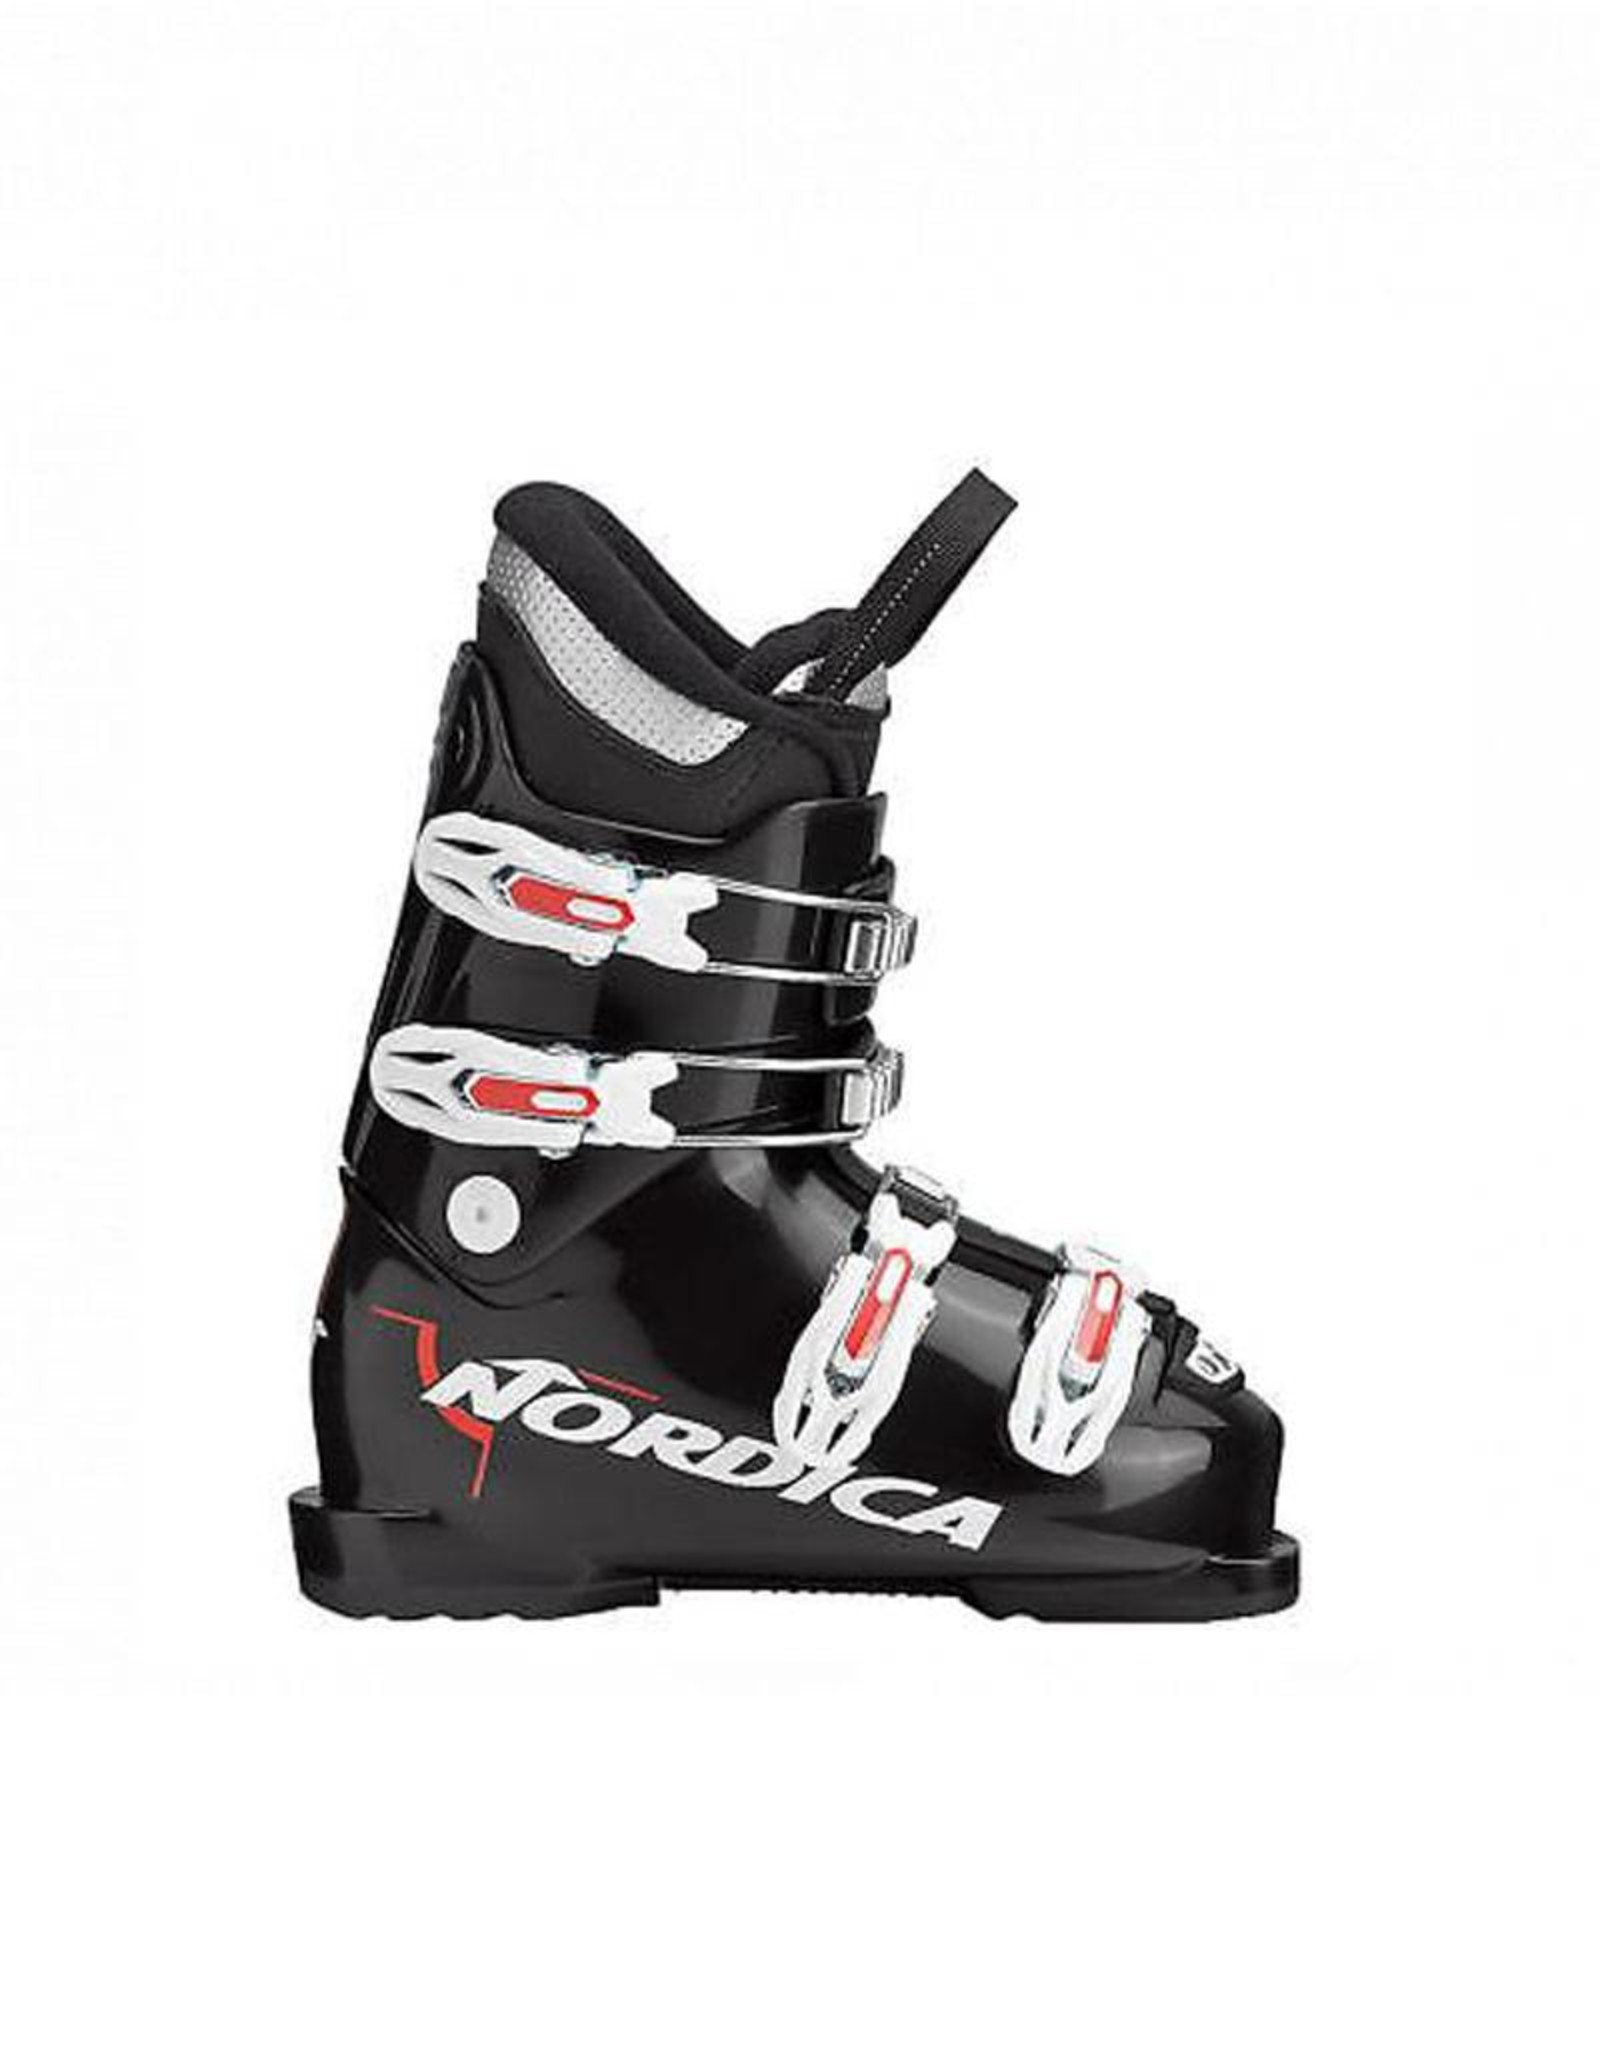 NORDICA Skischoenen NORDICA Dobermann GP TJ Zwart/Wit/Rood Gebruikt